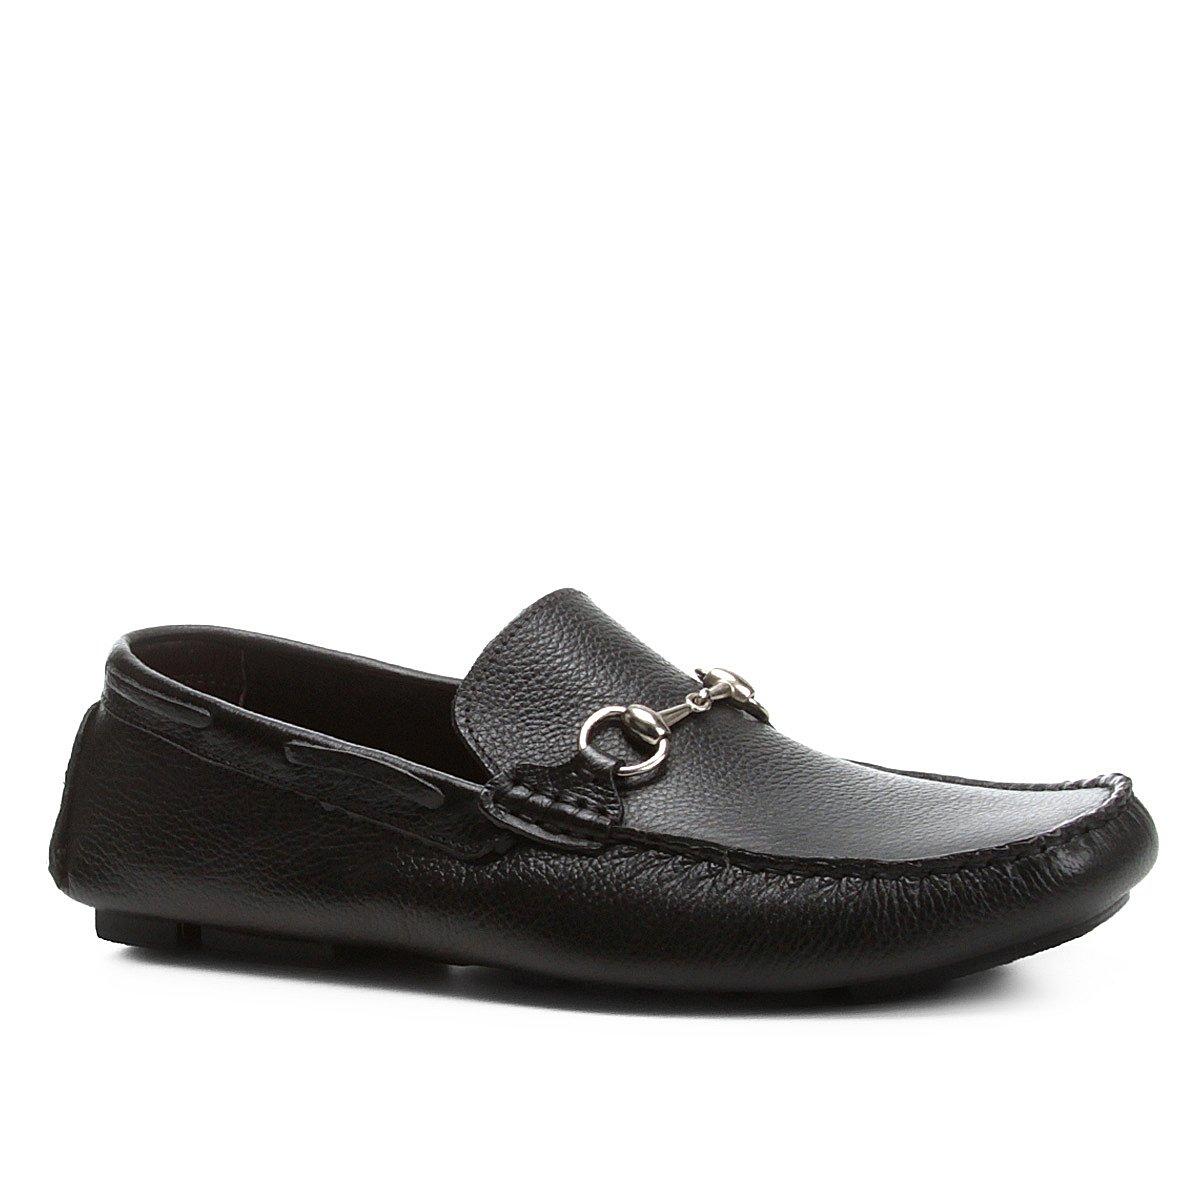 fc7e094a5f Mocassim Couro Shoestock Bridão Masculino - Preto - Compre Agora ...